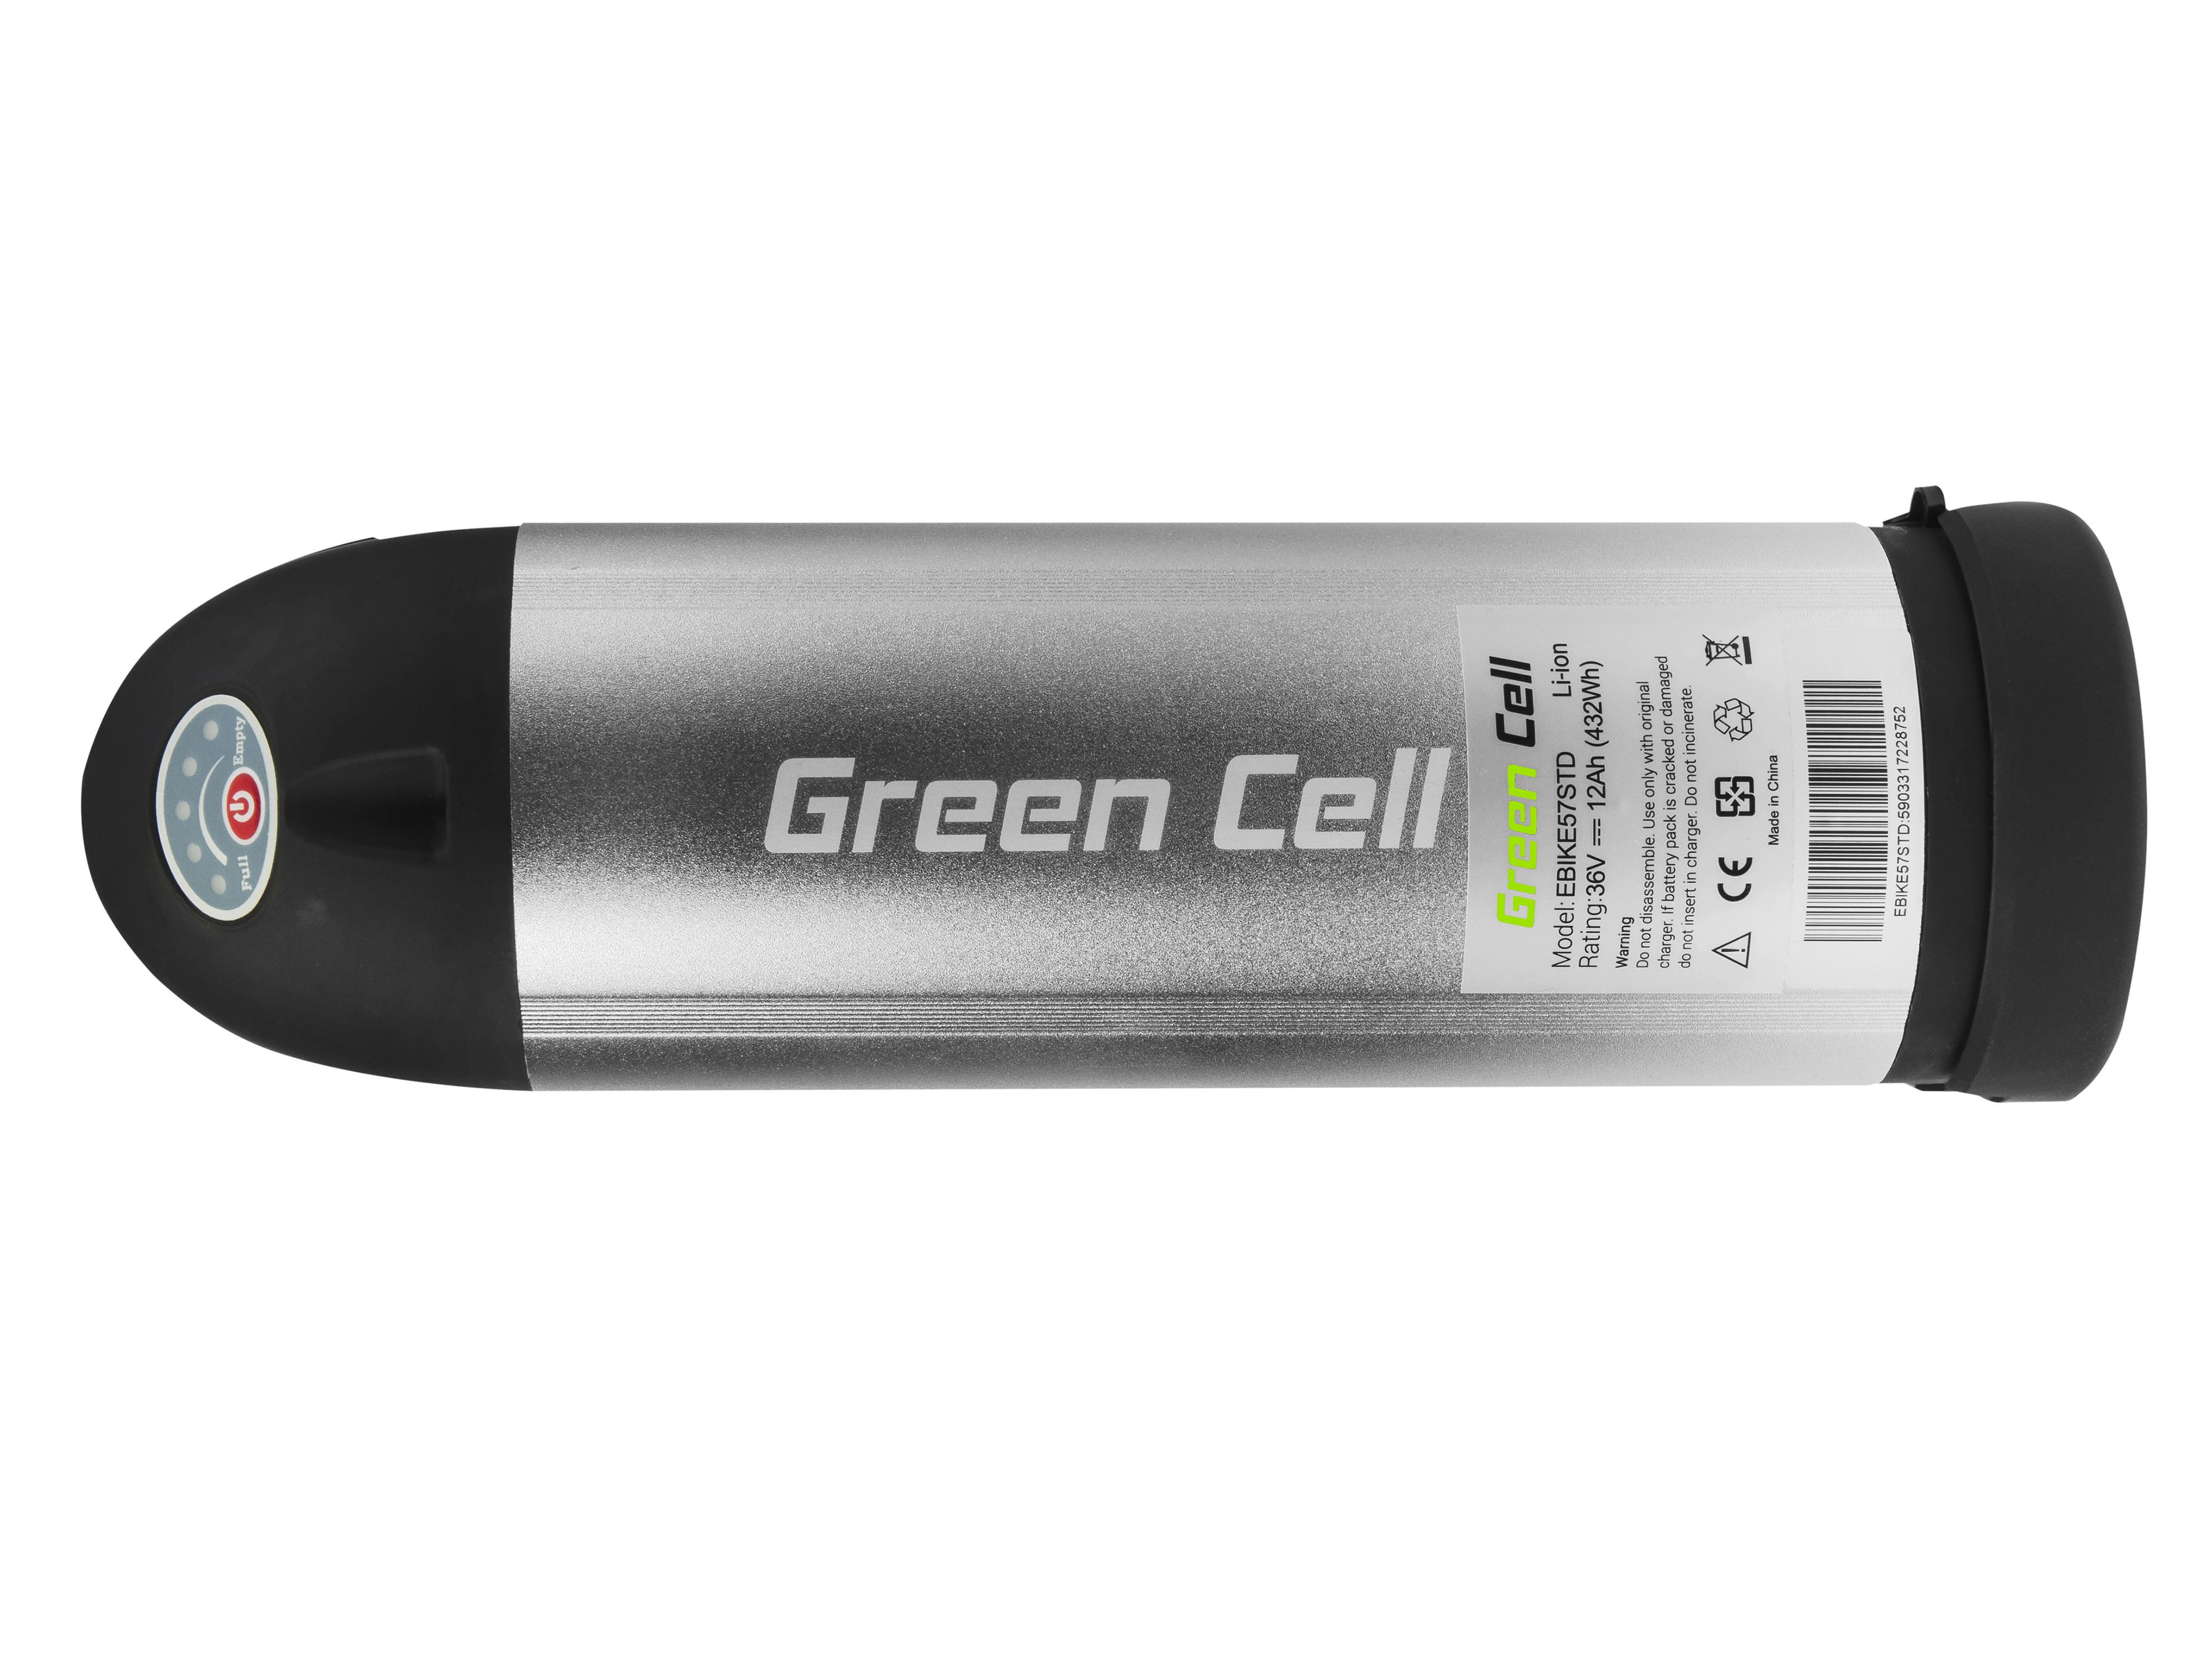 Green Cell Baterie Bottle 36V 11,6Ah 418Wh pro E-Bike Pedelec